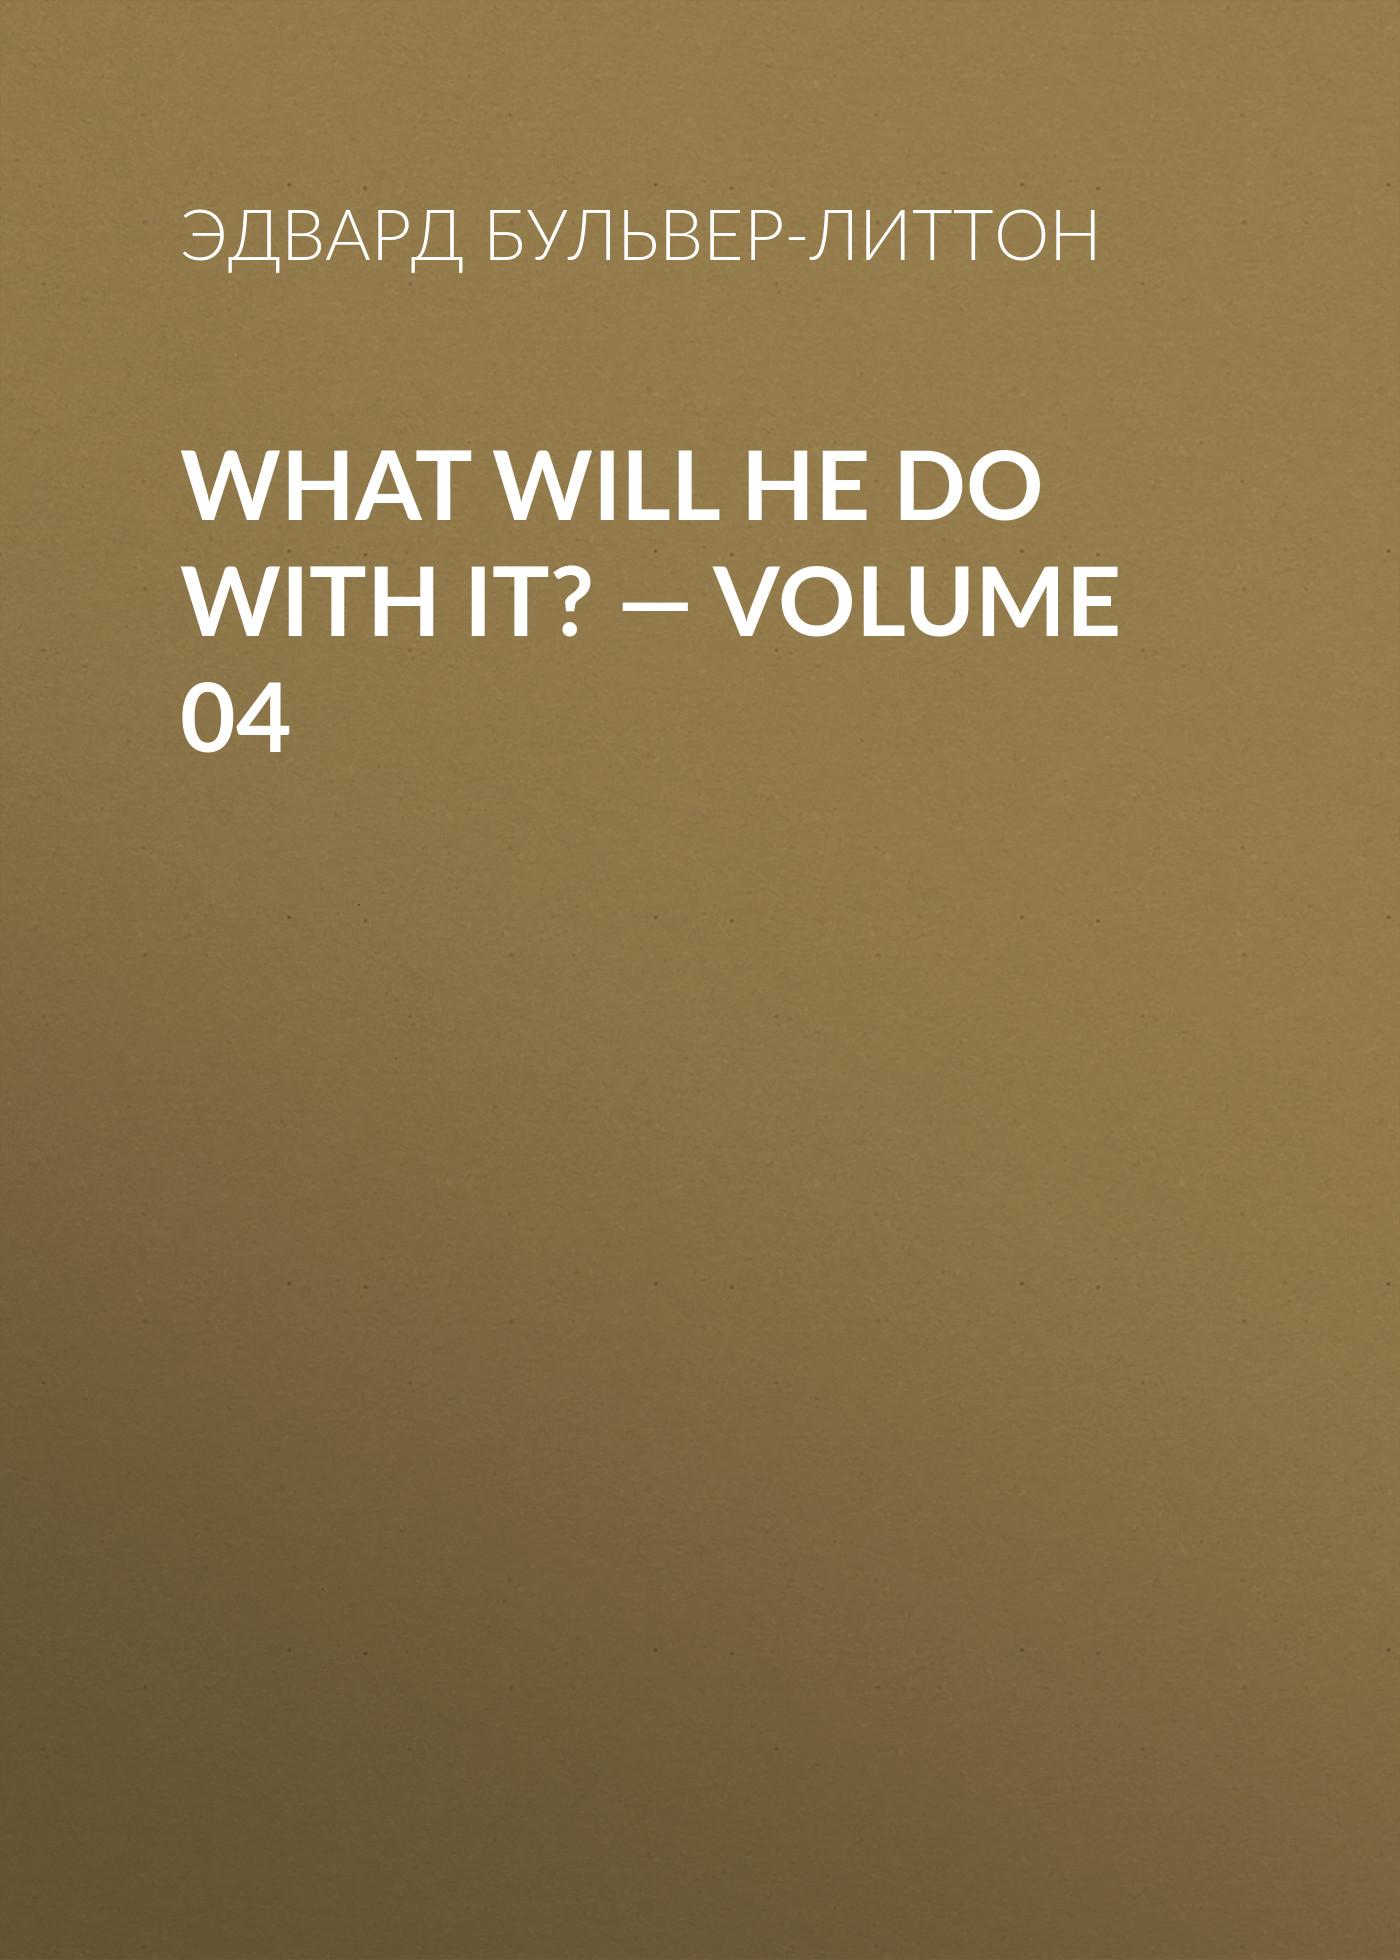 What Will He Do with It? — Volume 04 ( Эдвард Бульвер-Литтон  )